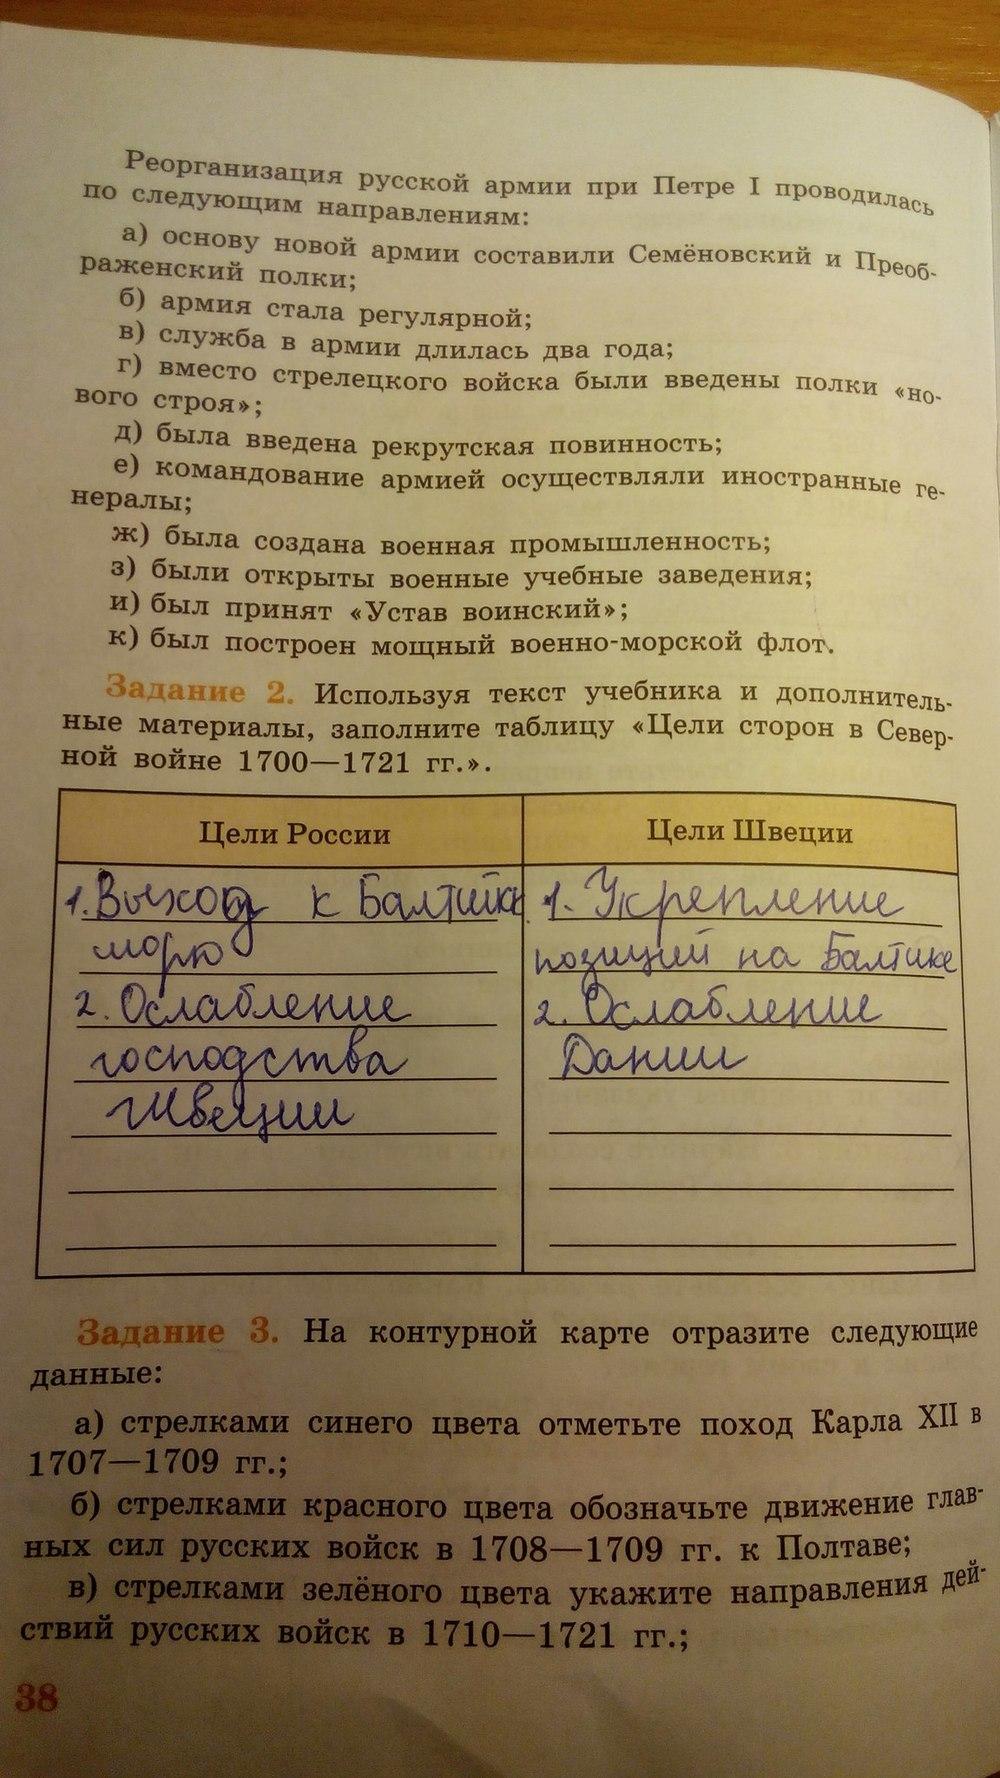 гдз по истории россии по рабочей тетради для 7 класса данилов косулина